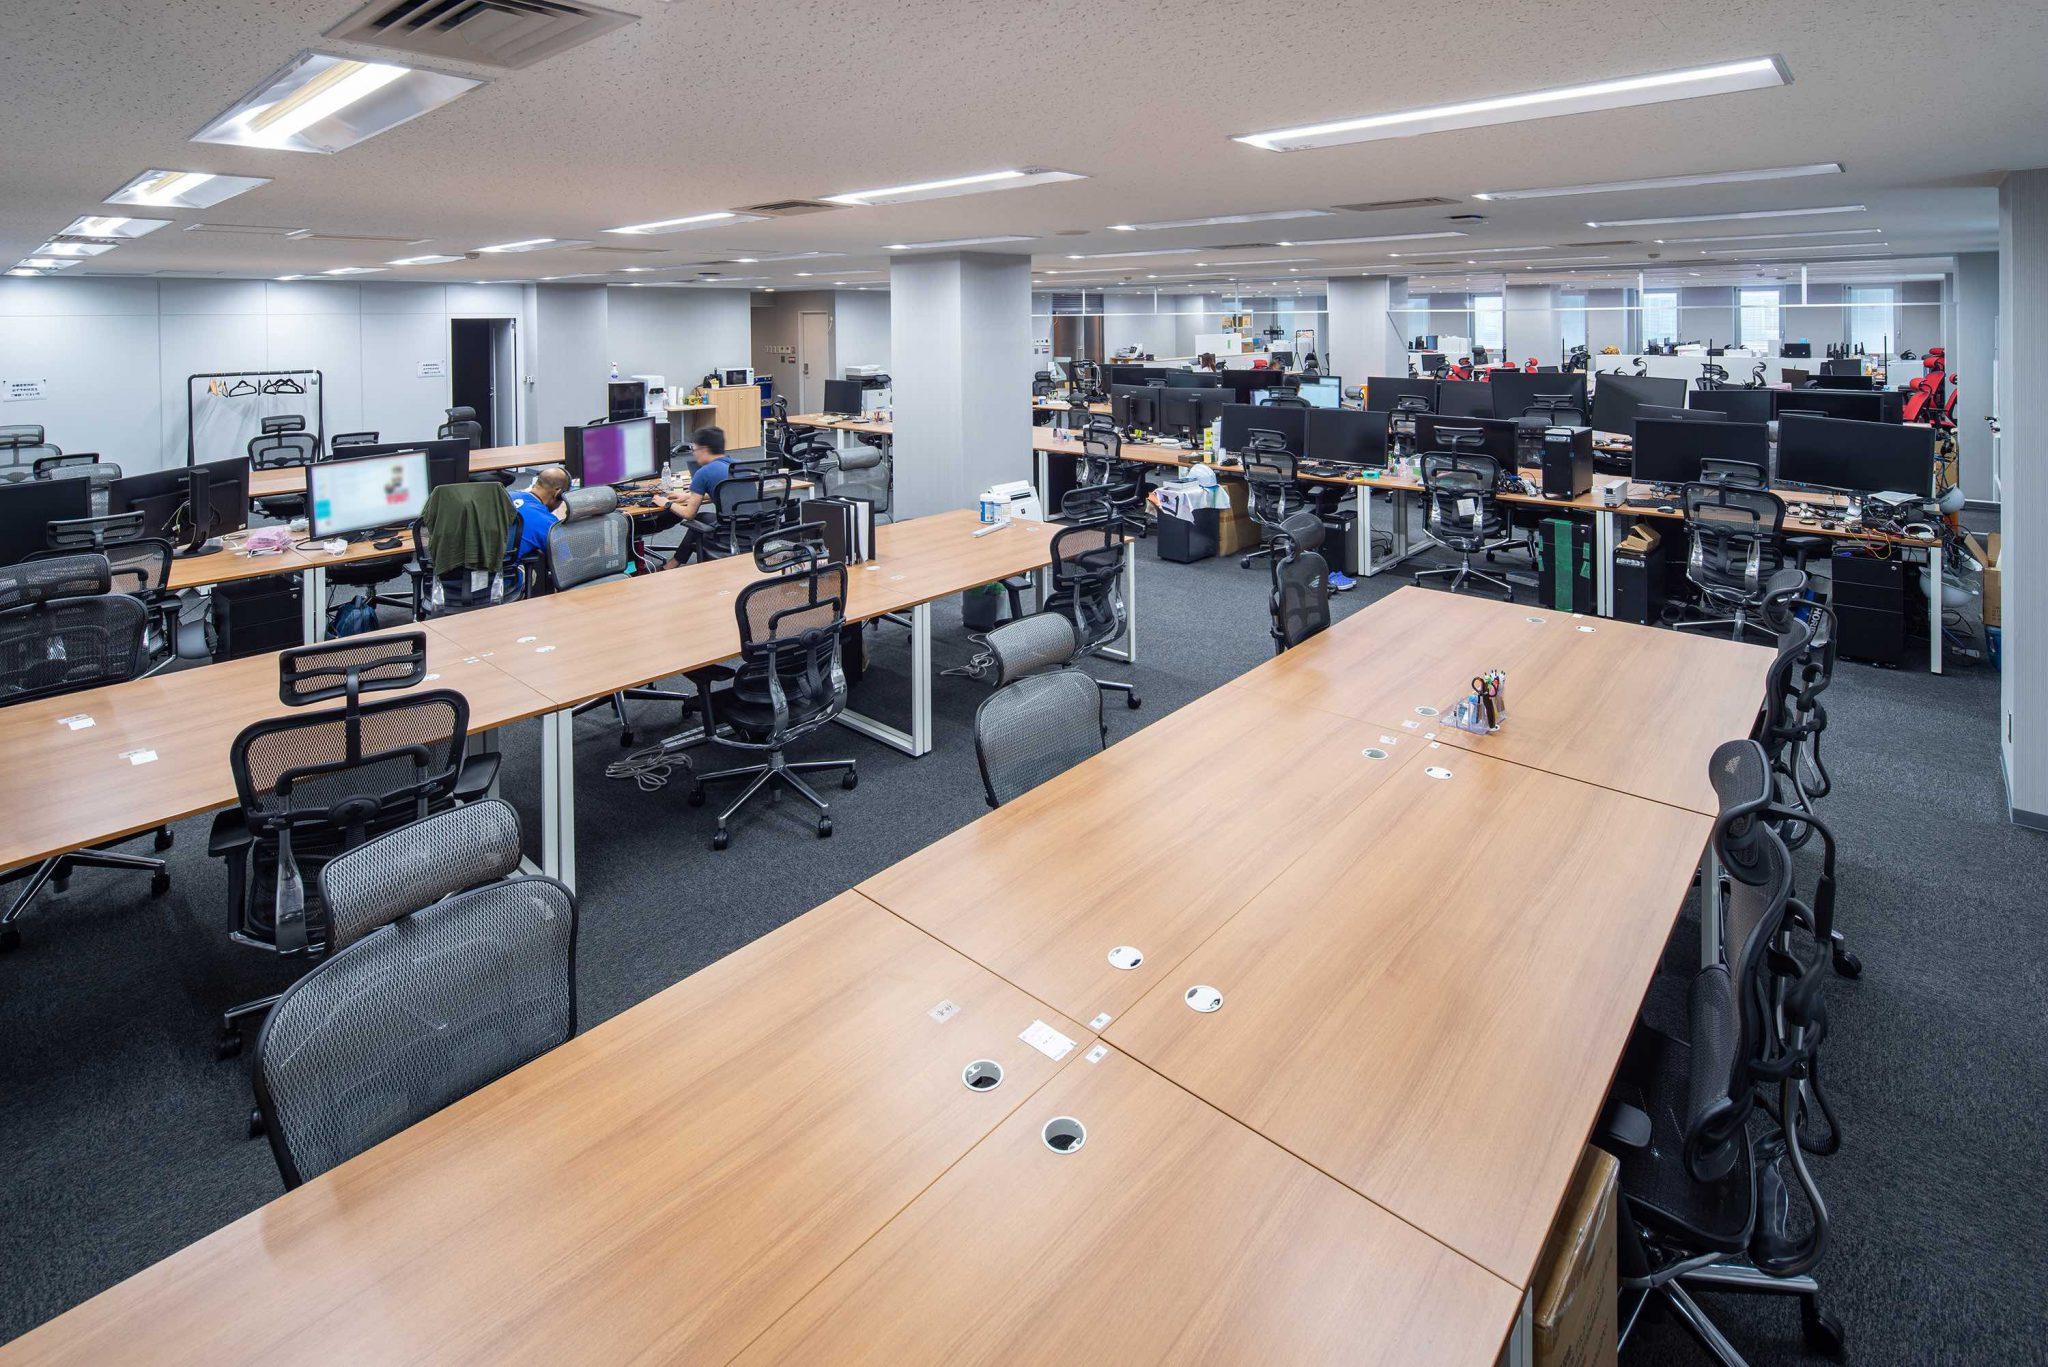 Shinagawa-Office 05-2048x1367